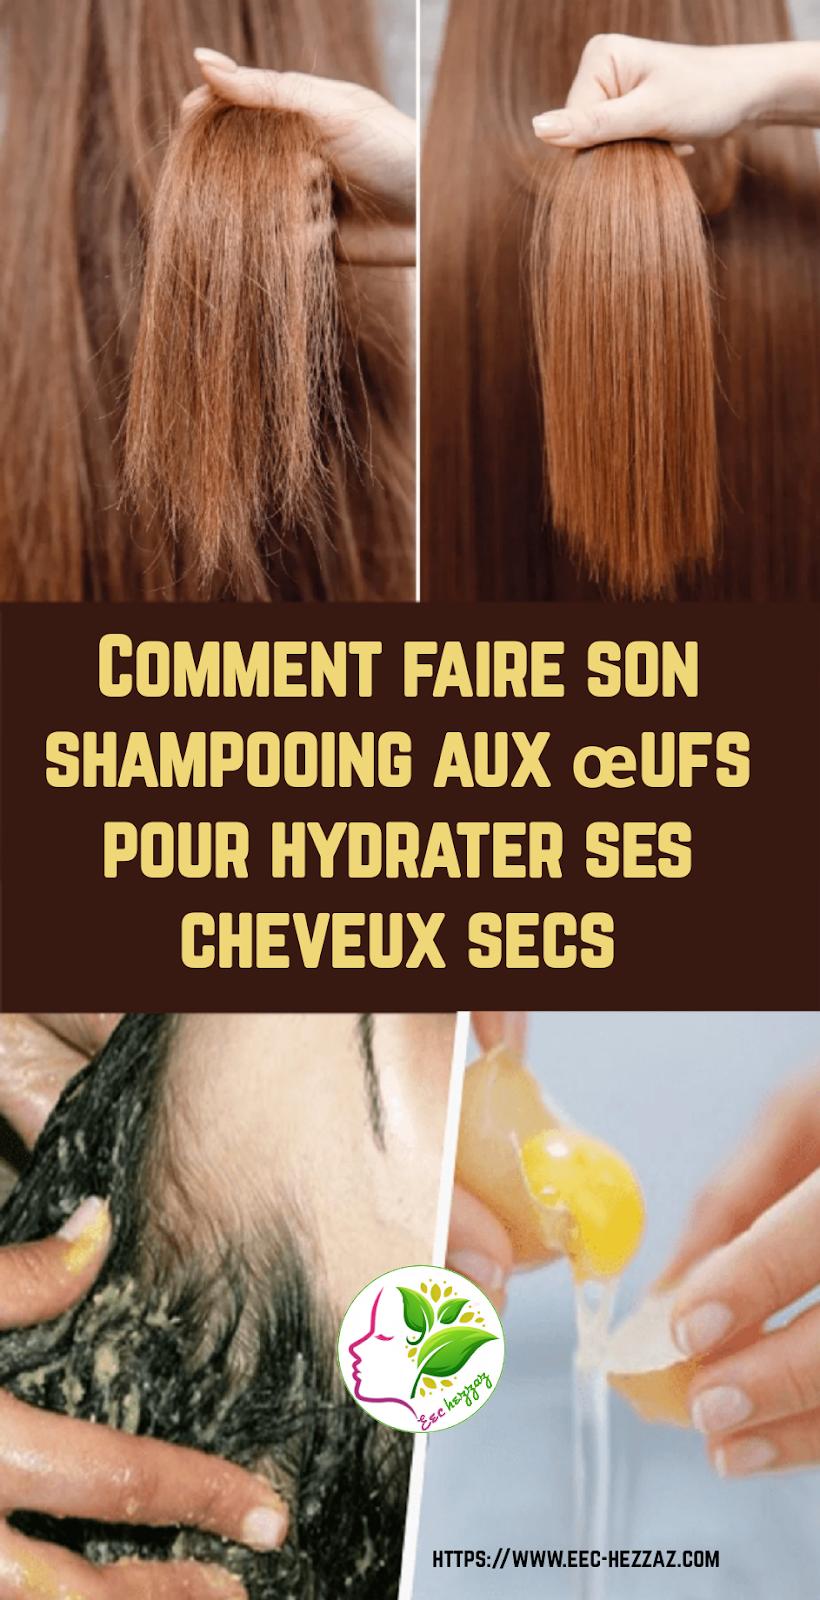 Comment faire son shampooing aux œufs pour hydrater ses cheveux secs